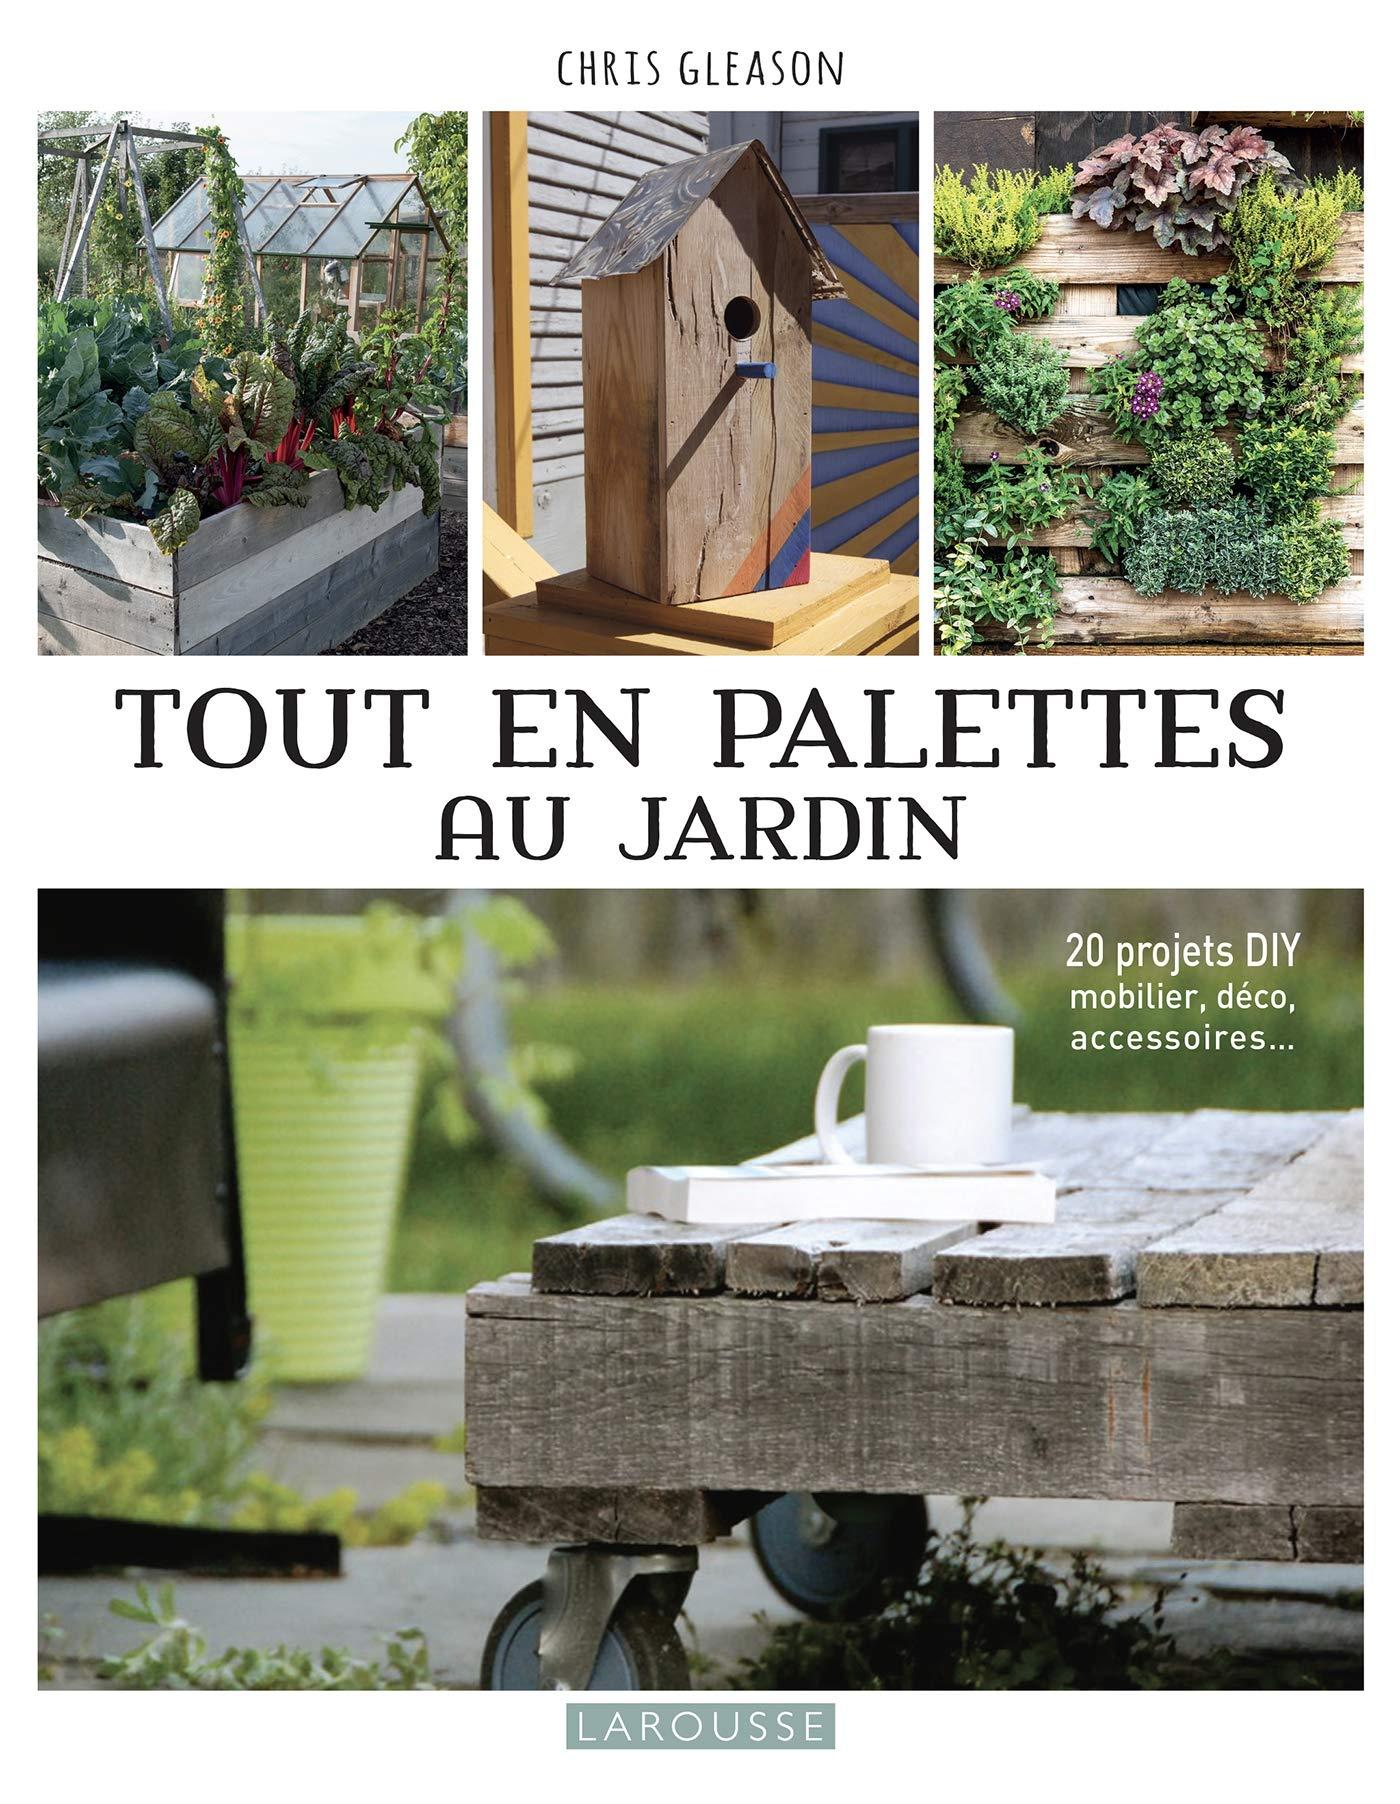 Tout en palettes au jardin Broché – 30 mai 2018 Chris Gleason Larousse 2035954312 Jardinage